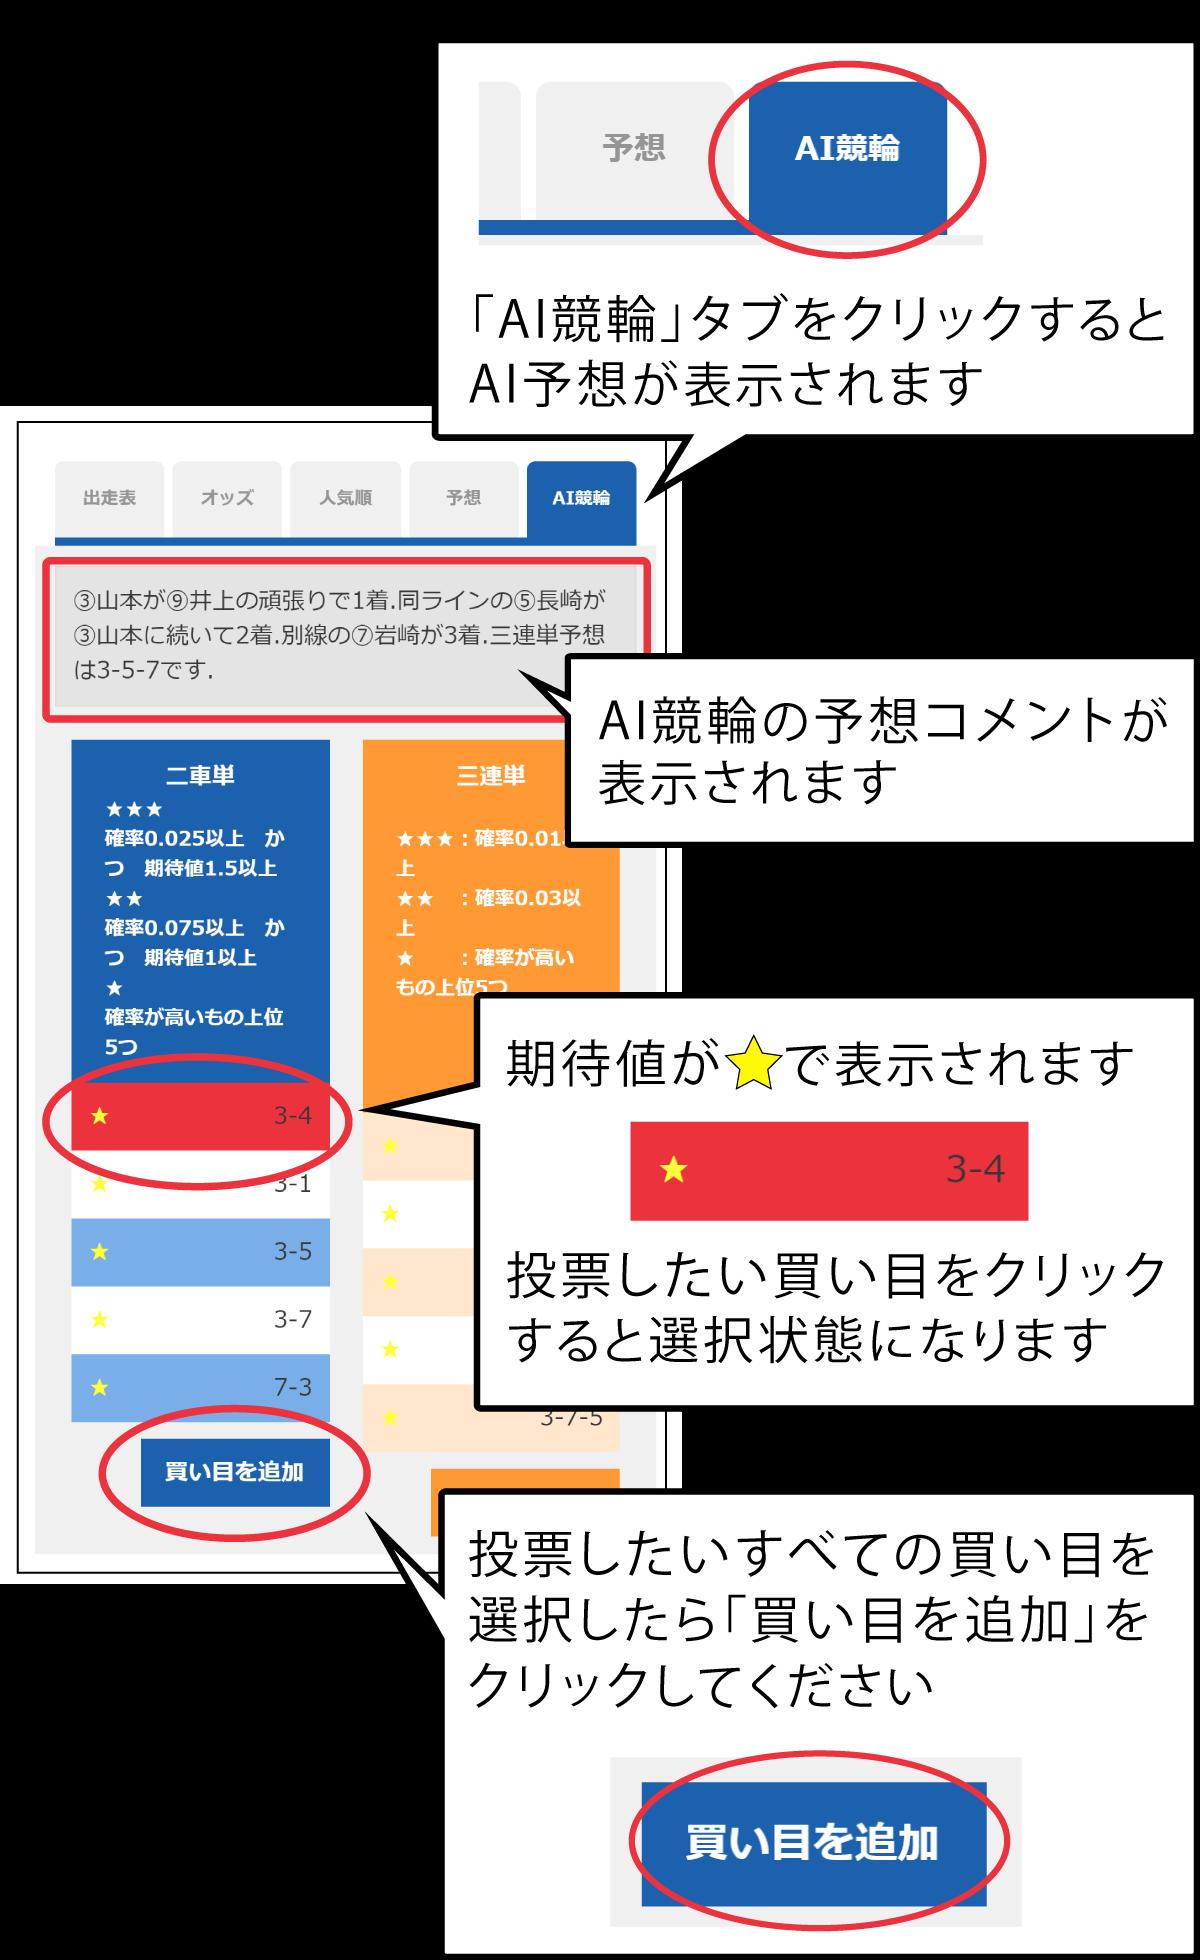 予想 奈良 競輪 2月14日 奈良競輪予想情報|競輪(KEIRIN)ならオッズパーク競輪